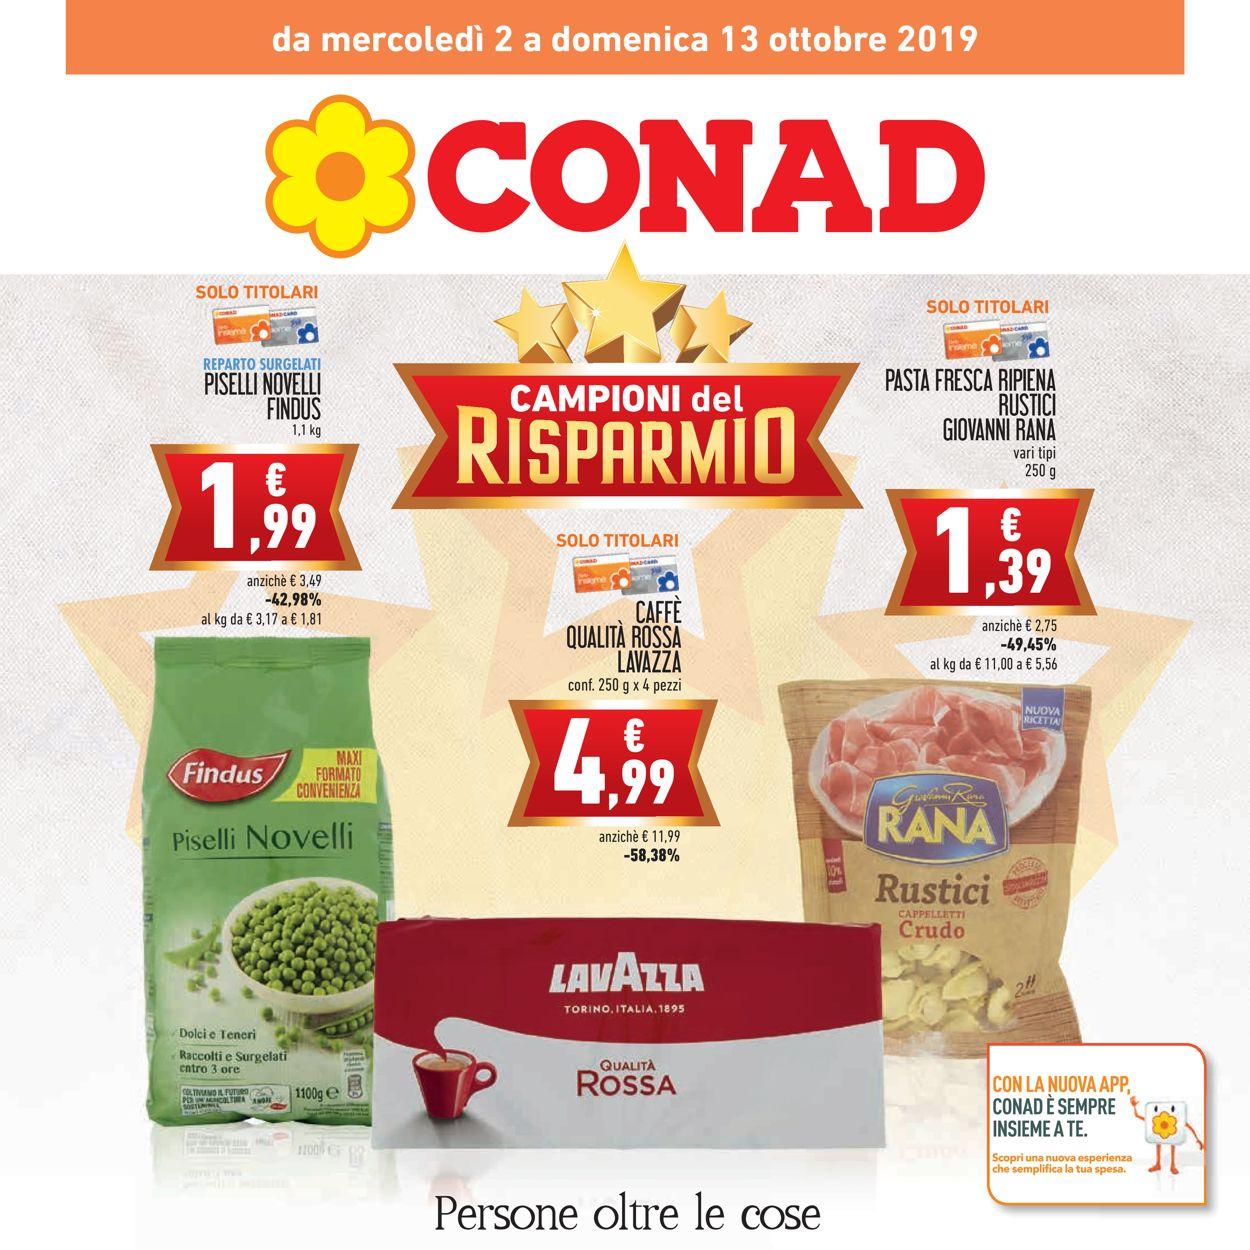 Volantino Conad - Offerte 02/10-13/10/2019